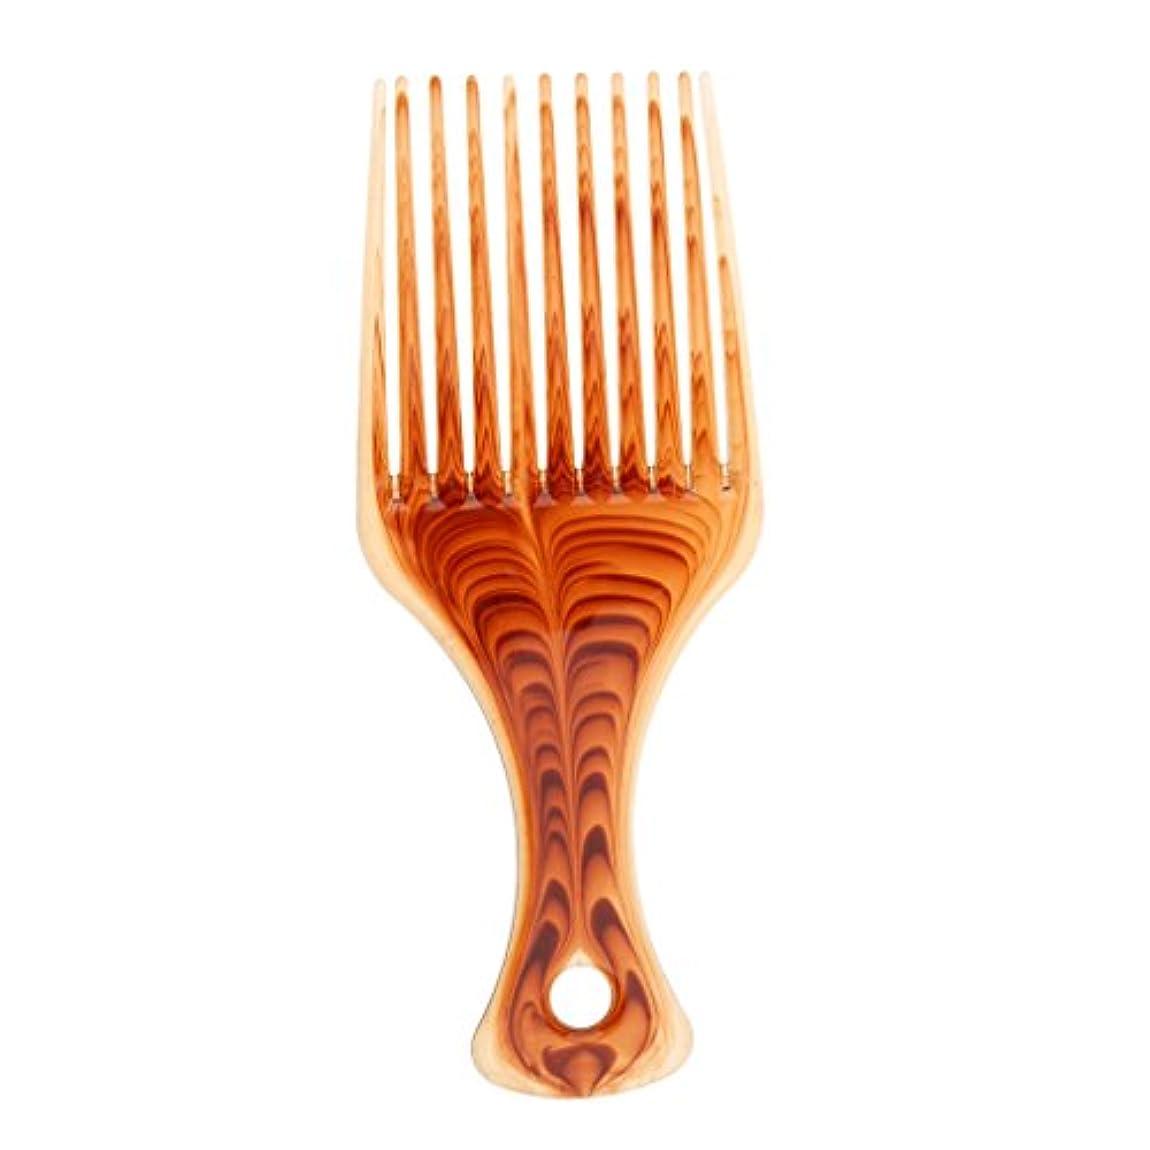 生き残り形式家ヘアブラシ ヘアコーム くし プラスチック製 アフロ 髪の櫛 持ち上げ ヘアブラシ